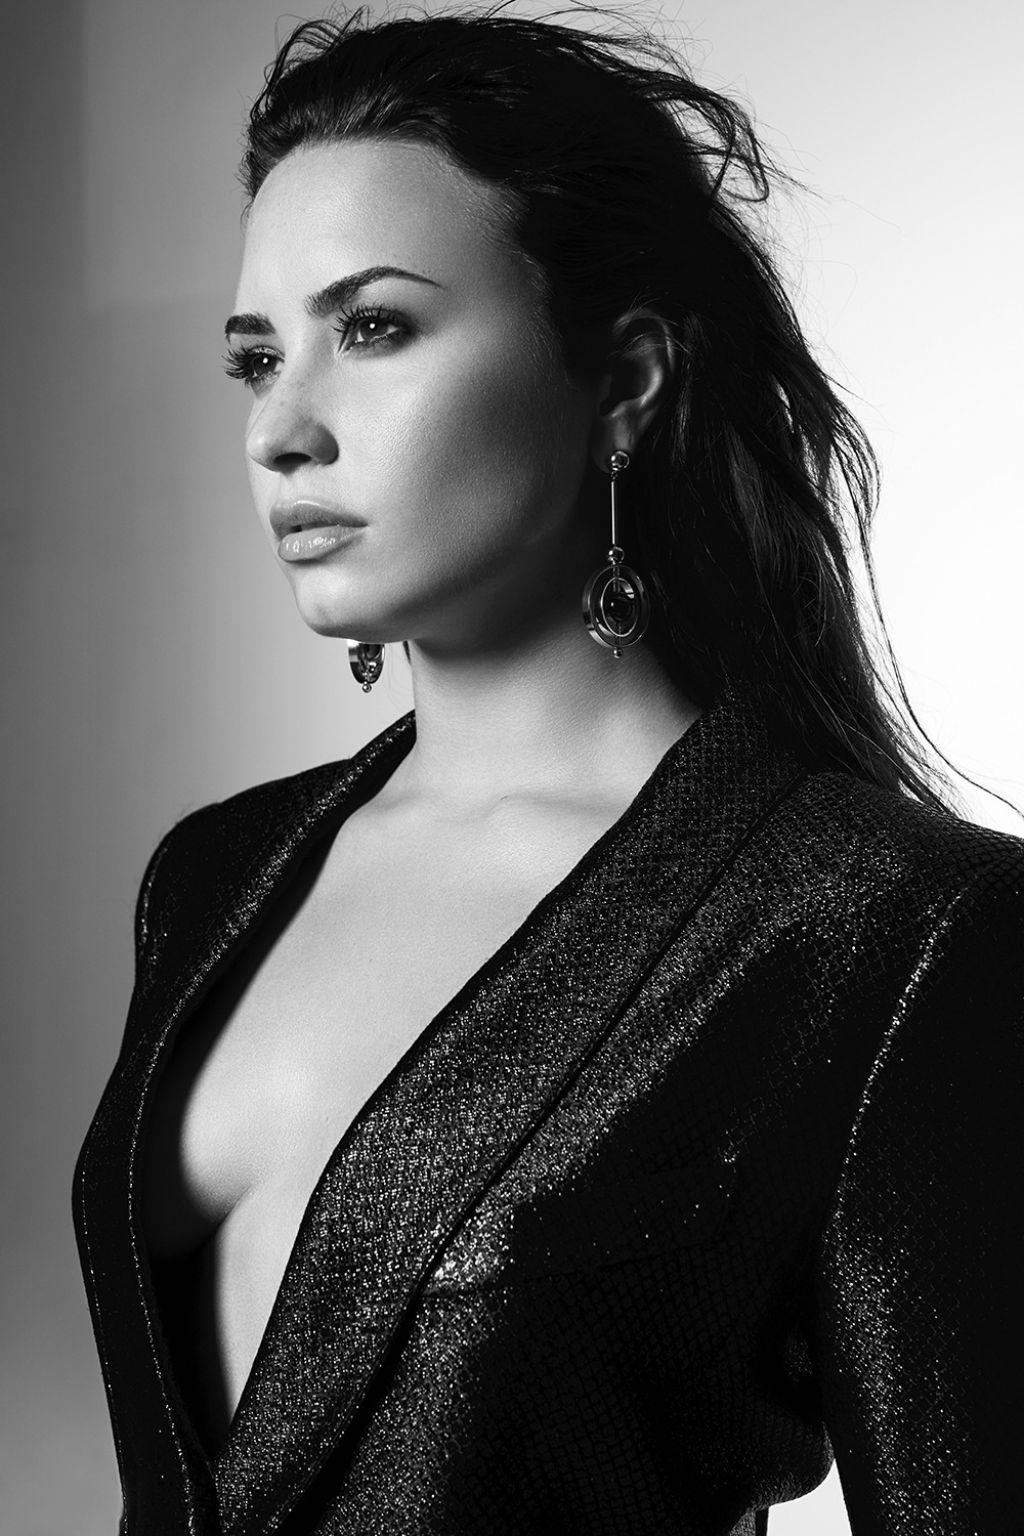 Um Ano De Um Relato Honesto E Forte à Maneira De Demi Lovato